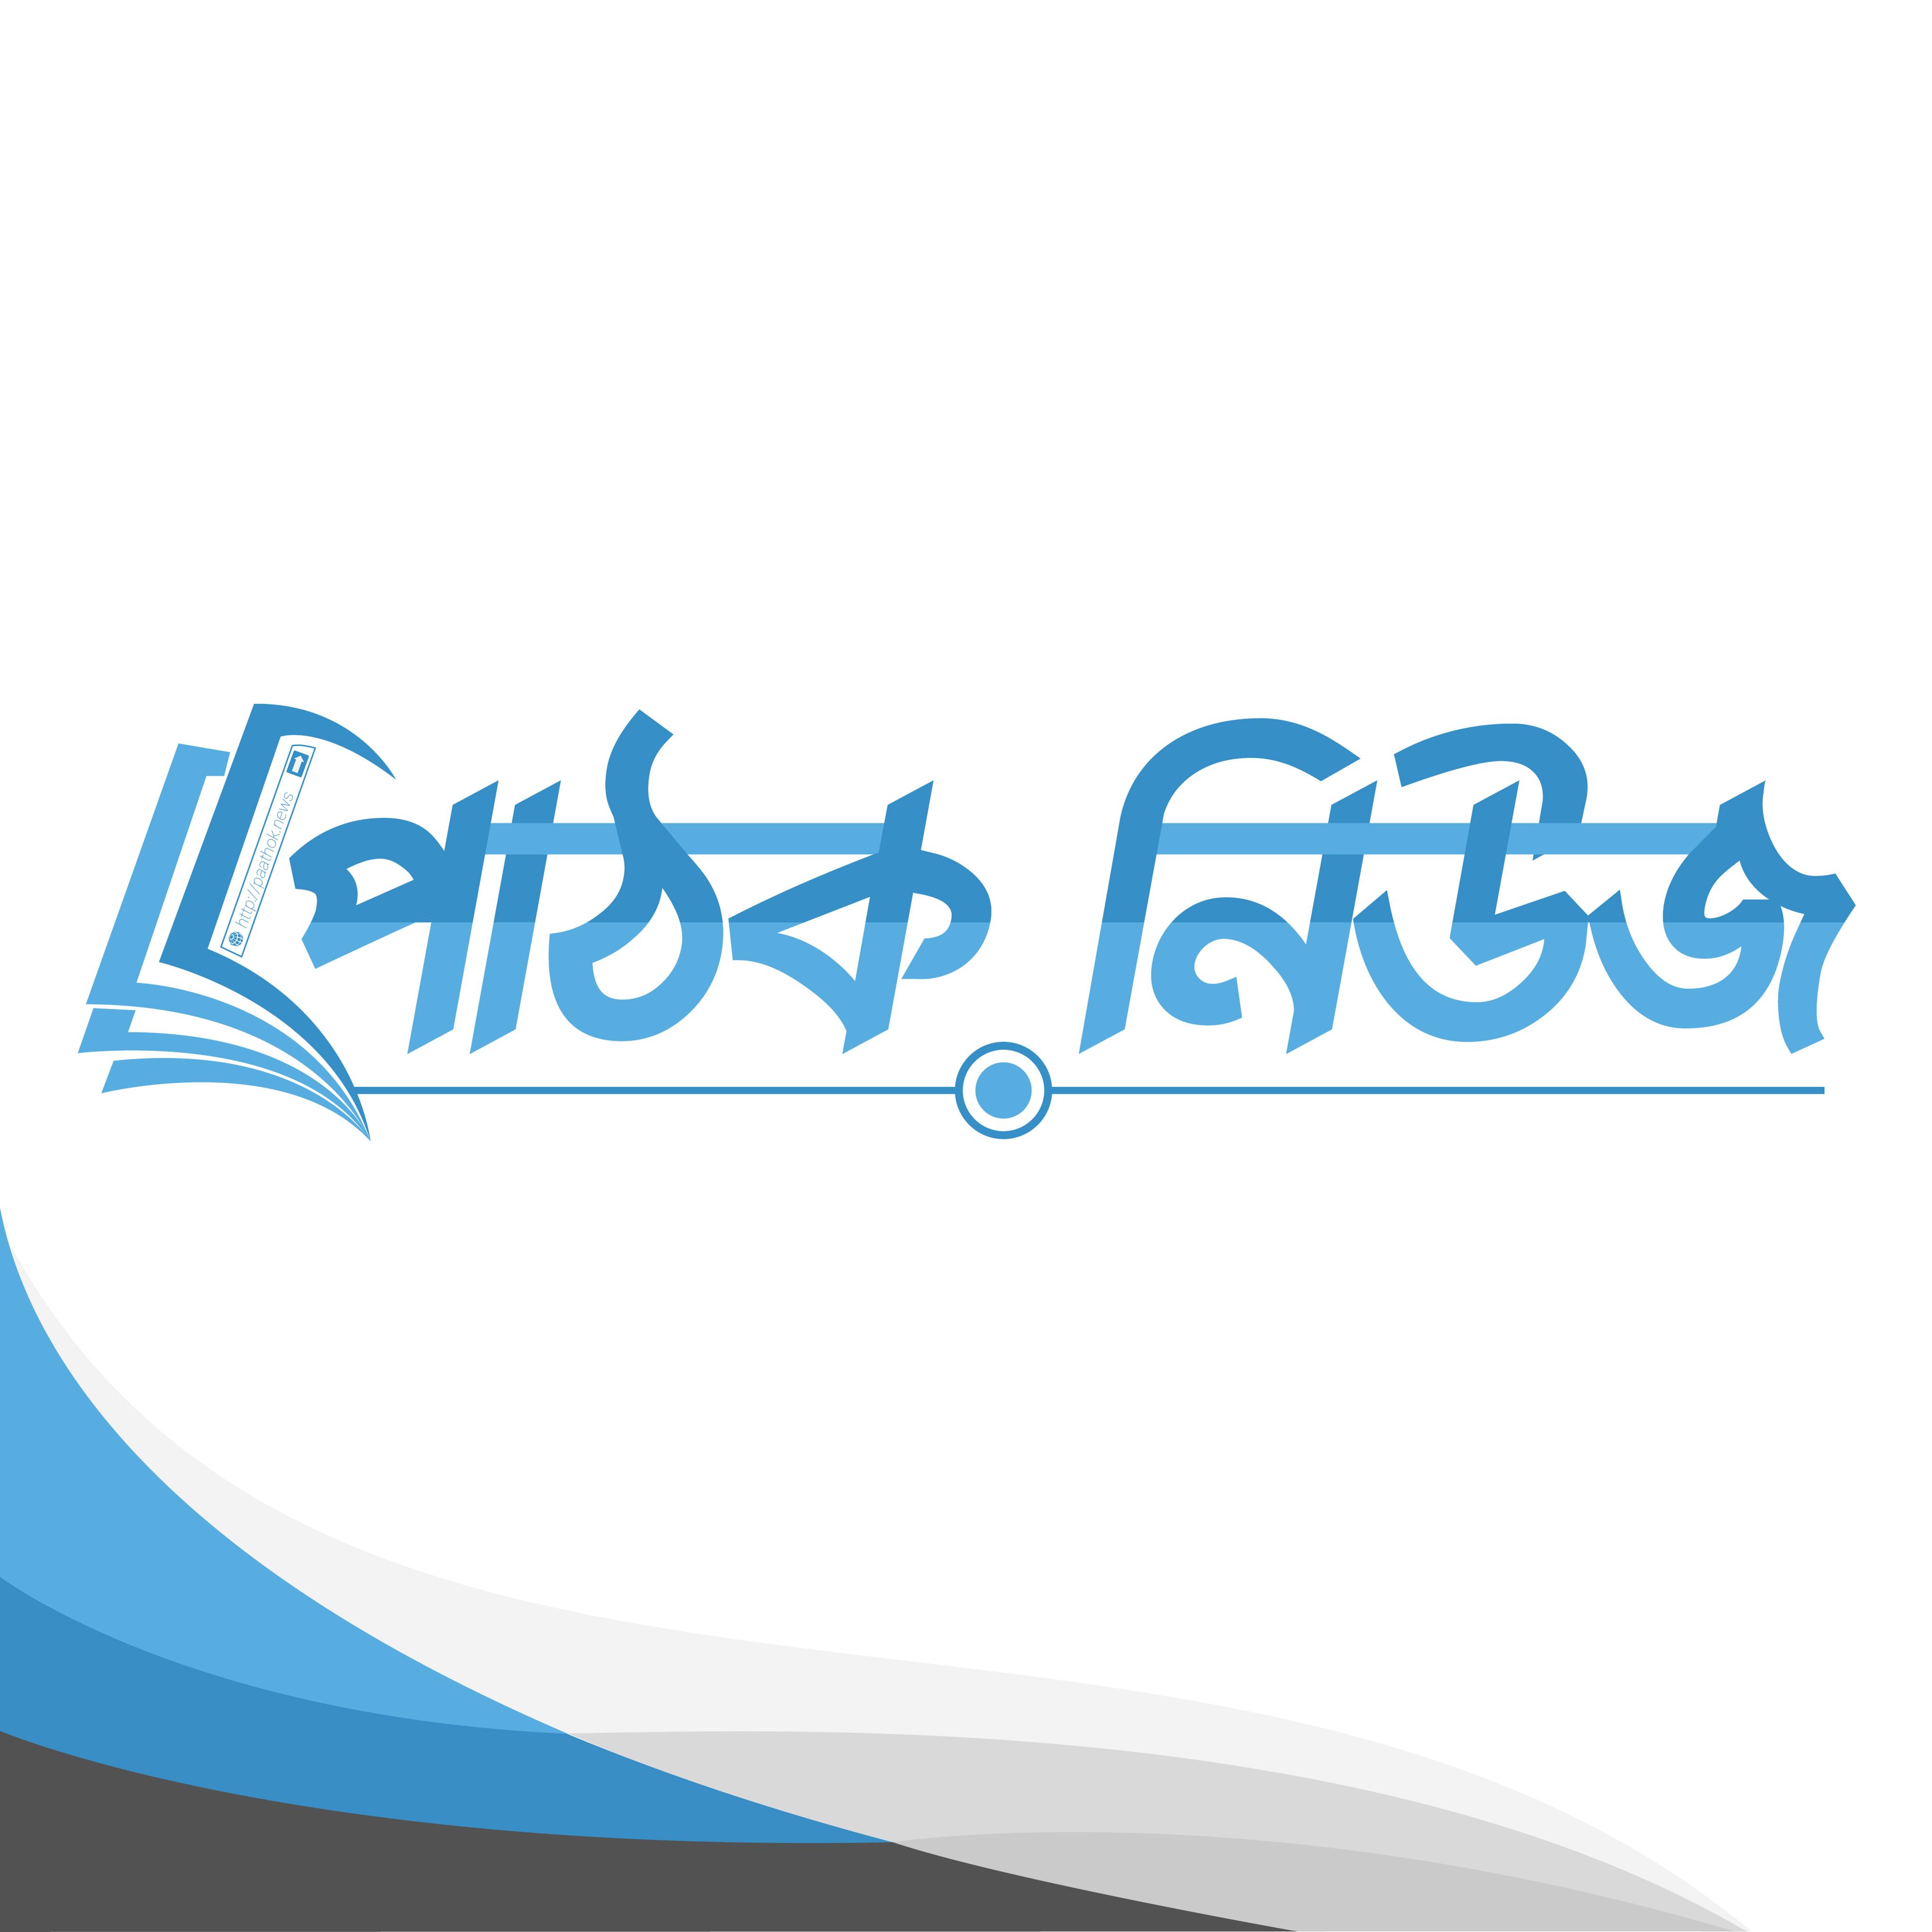 Avatar - Paathok.News